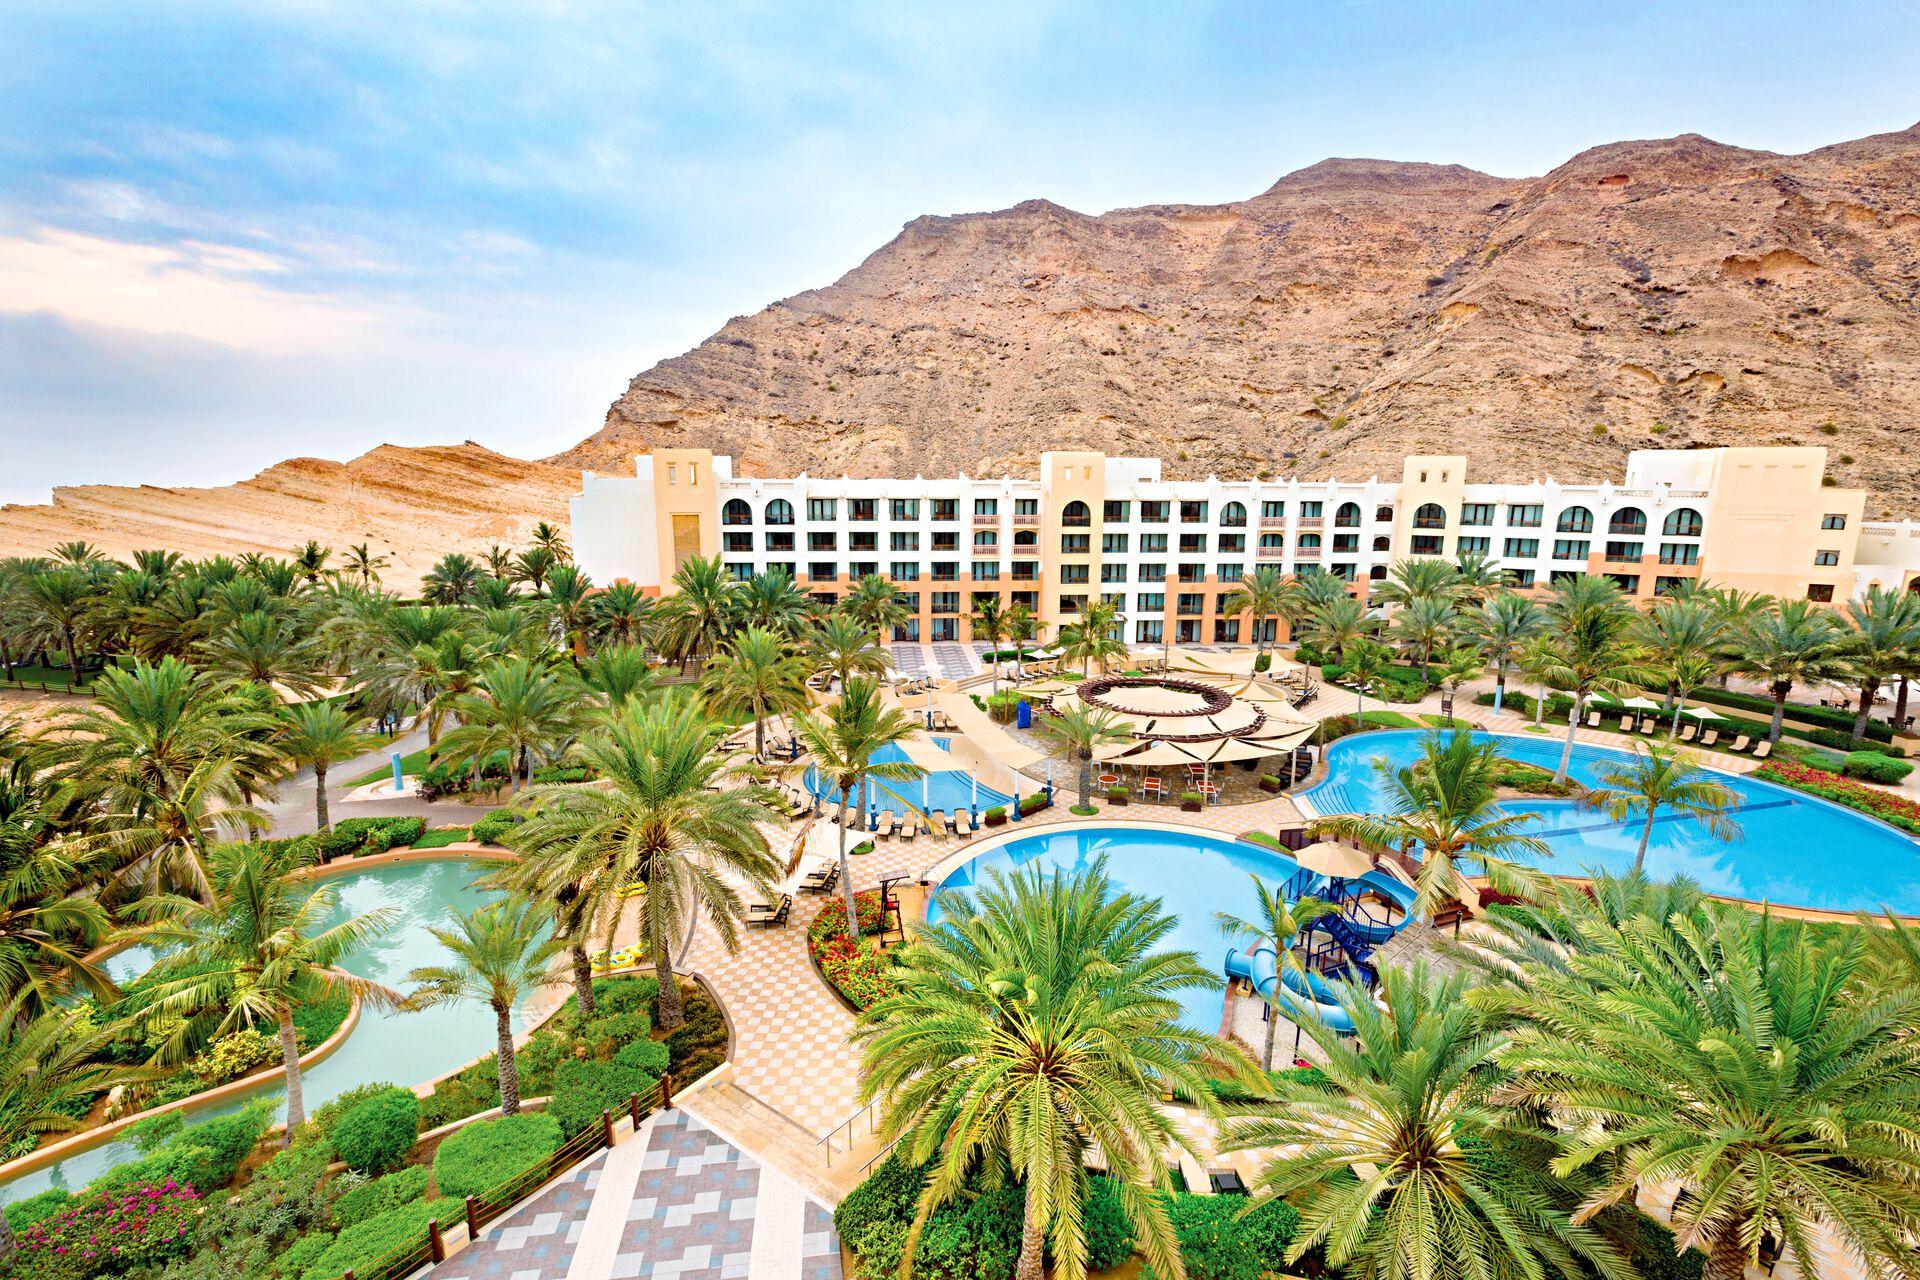 Hôtel Shangri-La Barr Al Jissah Resort et Spa - Al Waha 5*